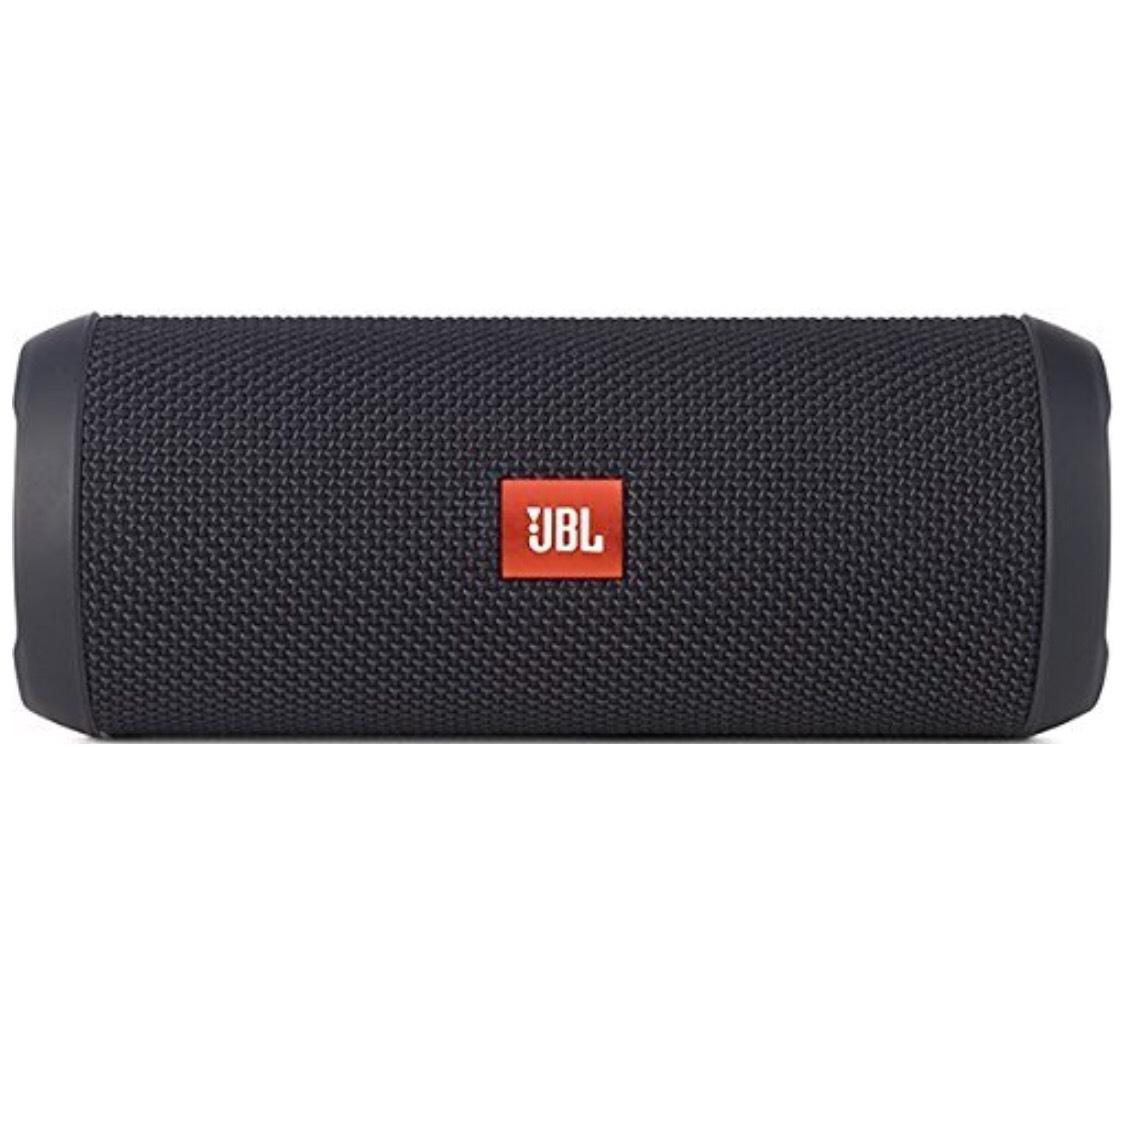 JBL Flip 3 - portabler, spritzwasserfester Bluetooth-Lautsprecher für 59,- bei Amazon